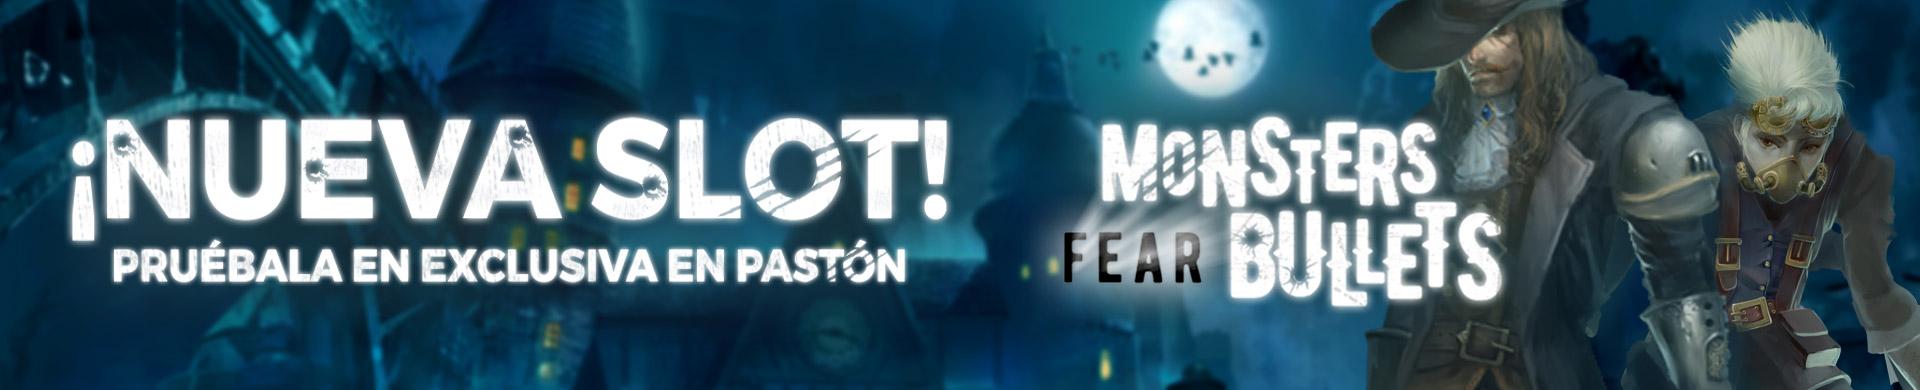 Slot Monsters Fear Bullets